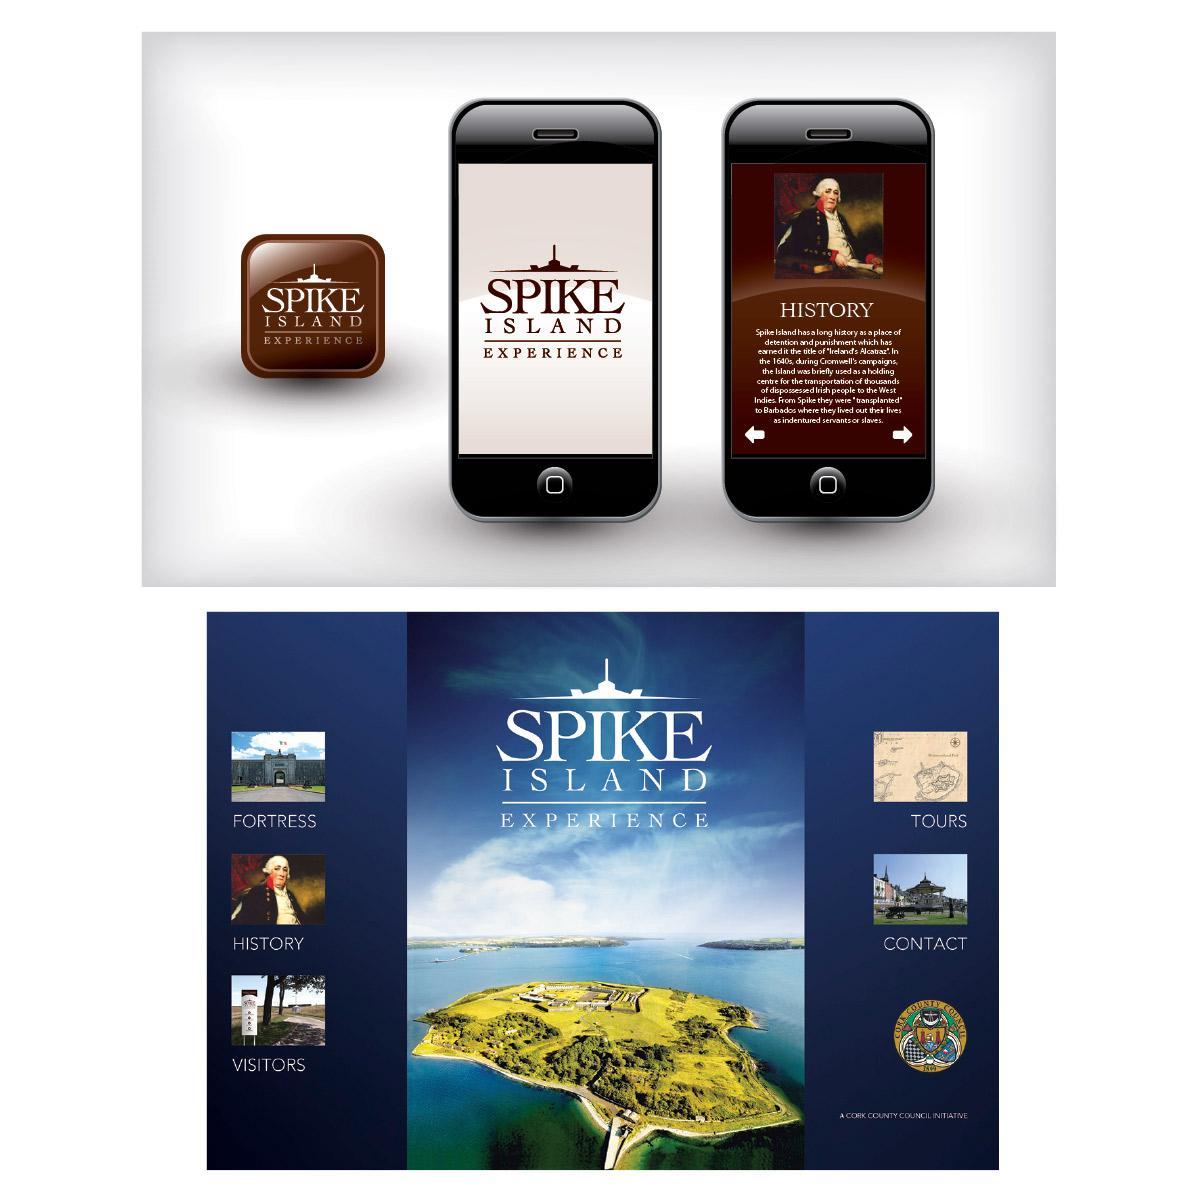 SpikeIsland_4.jpg